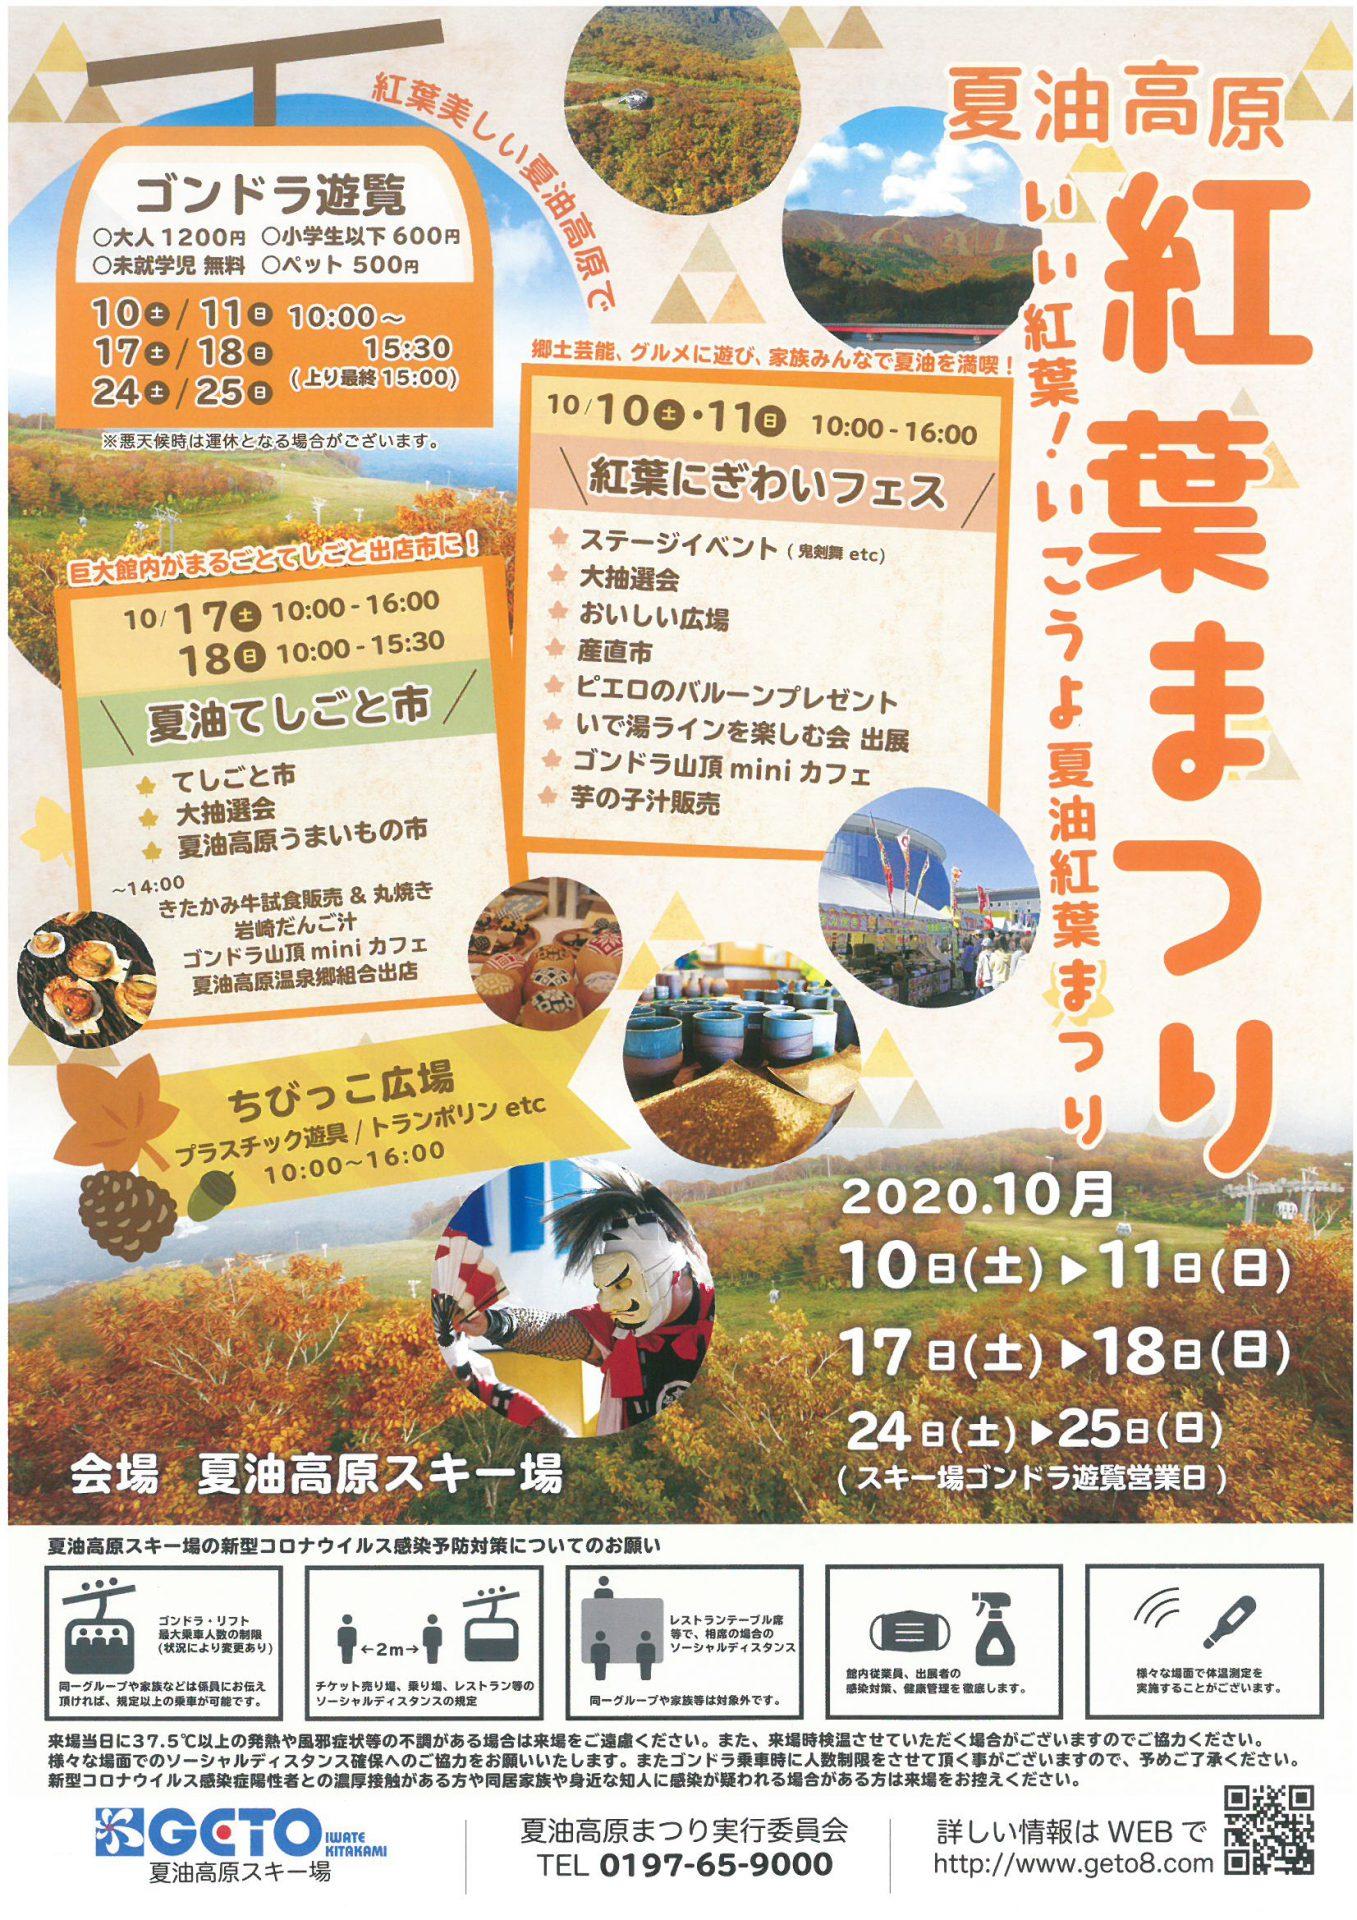 【 開催日 】 令和2年10月10日、11日、17日、18日  10:00~16:00(最終日18日は15:30まで) ※ 10月24日、25日はゴンドラ遊覧のみ行ないます。